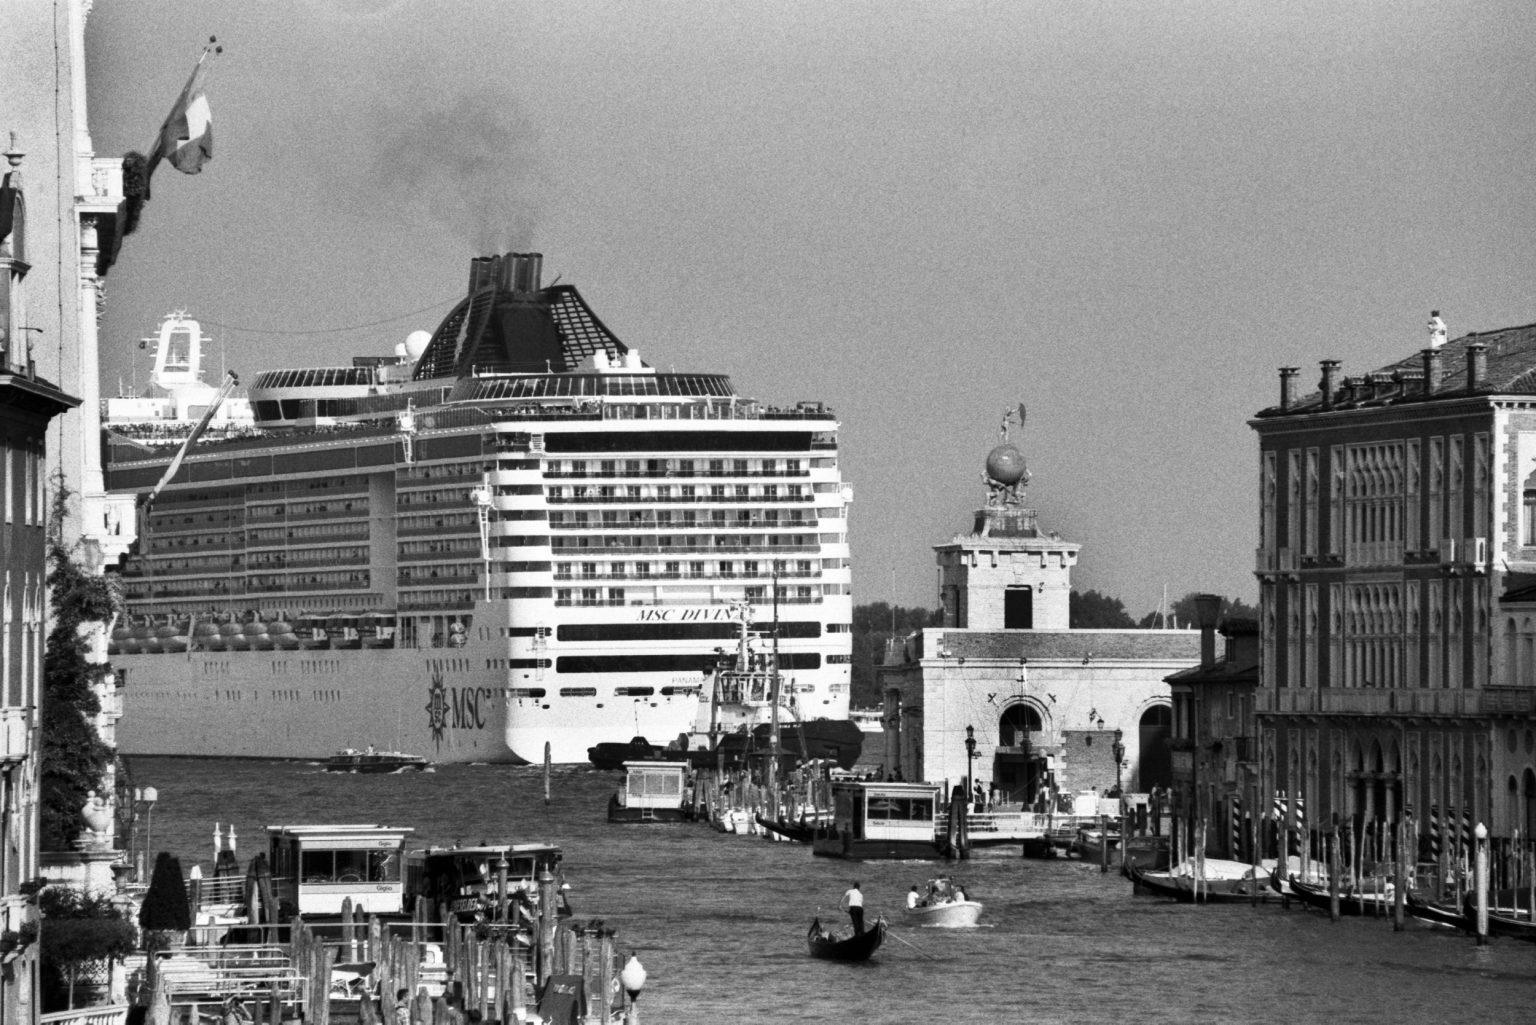 """Venice, August 2013 - Big cruise liners invade the city - MSC Divina cruise ship passing by the old town ><  Venezia, agosto 2013 - Le grandi navi da crociera invadono la città - La MSC Divina passa davanti al centro storico<p><span style=""""color: #ff0000""""><strong>*** SPECIAL   FEE   APPLIES ***</strong></span></p>*** SPECIAL   FEE   APPLIES *** *** Local Caption *** 00483760"""